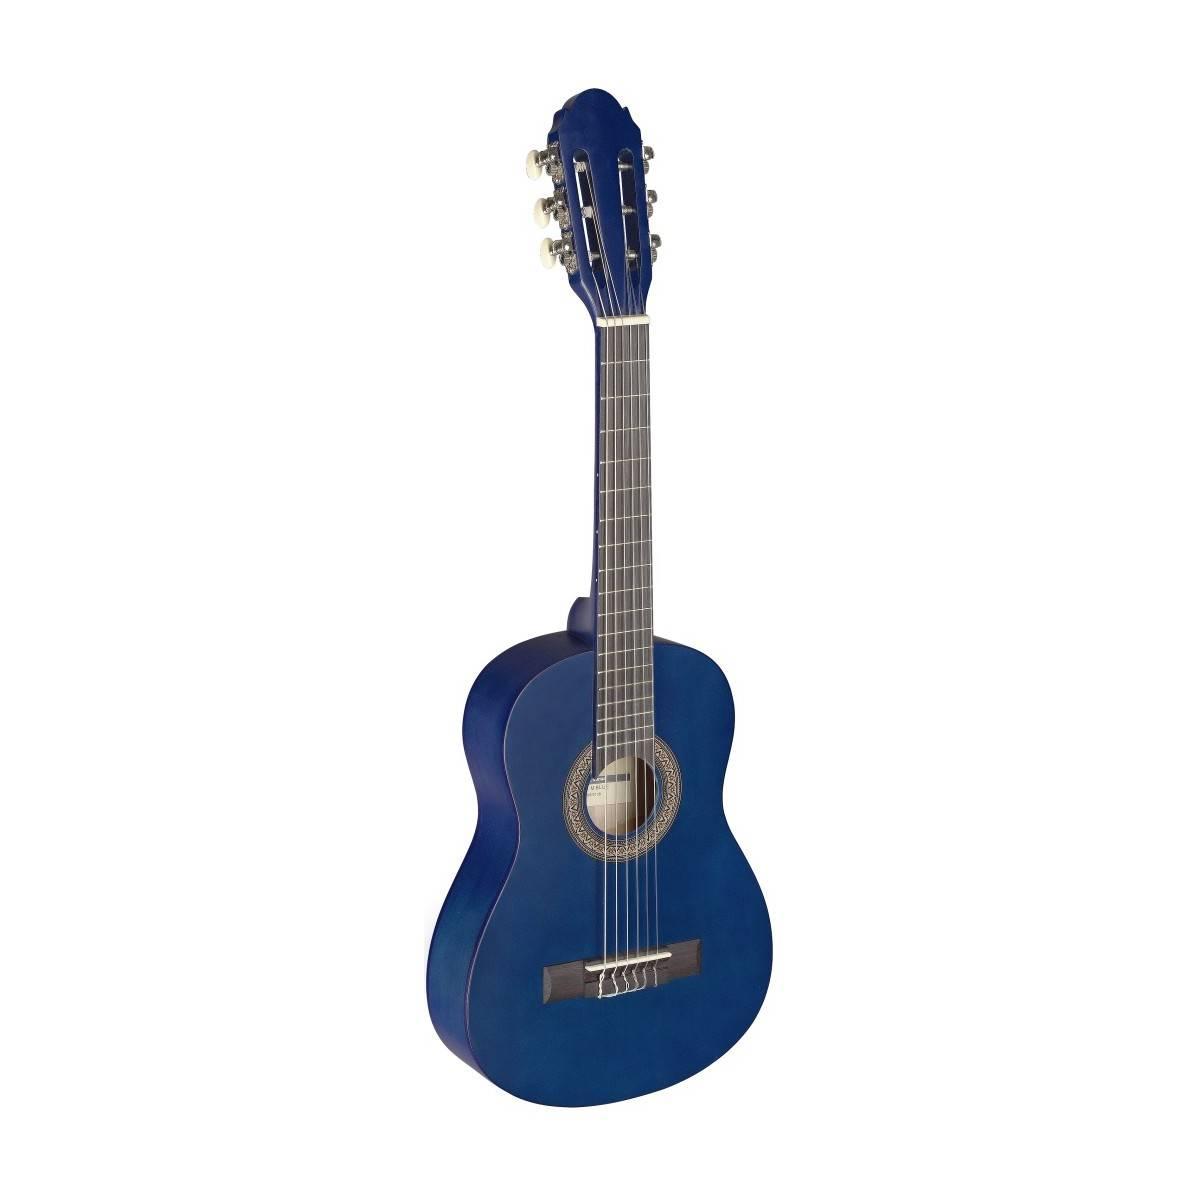 Guitare Enfant 1/4 Classique - Bleu